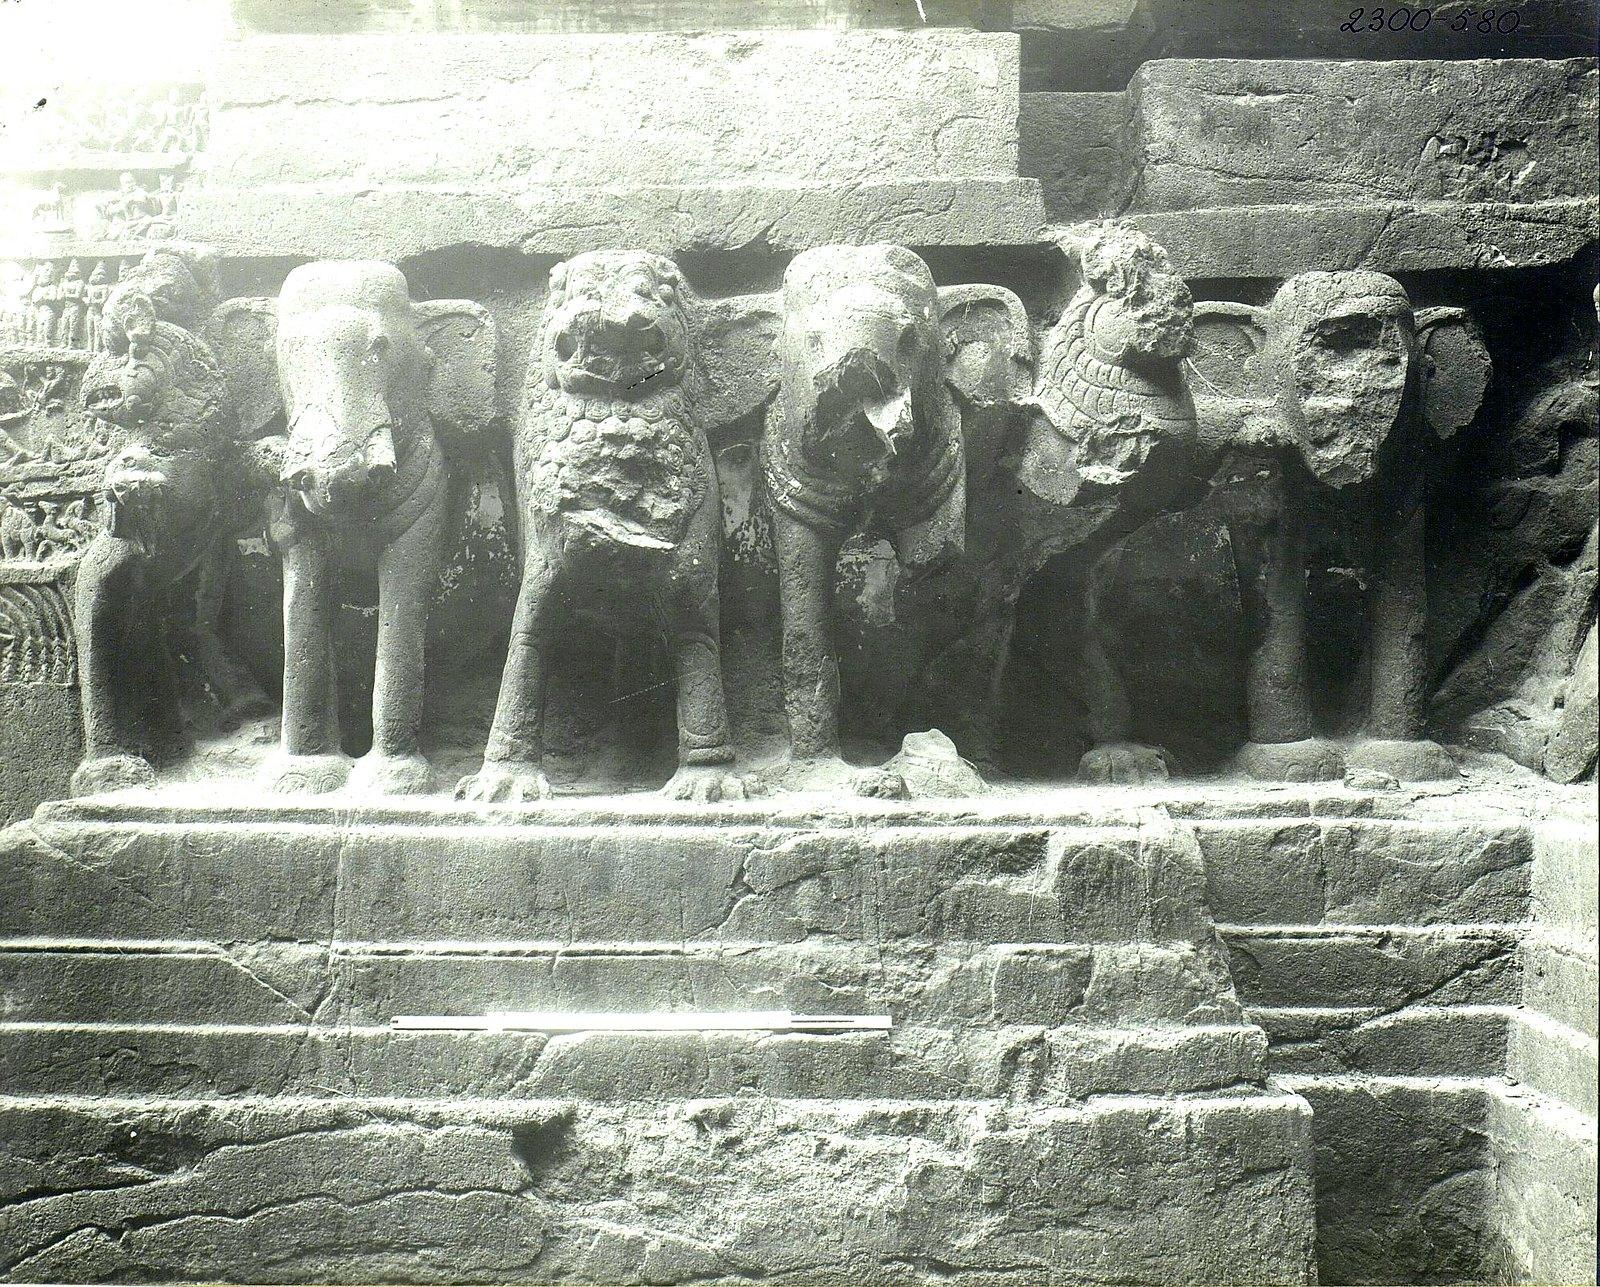 Храм Кайласа в Эллоре (деталь рельефа со слонами и львами) (10)